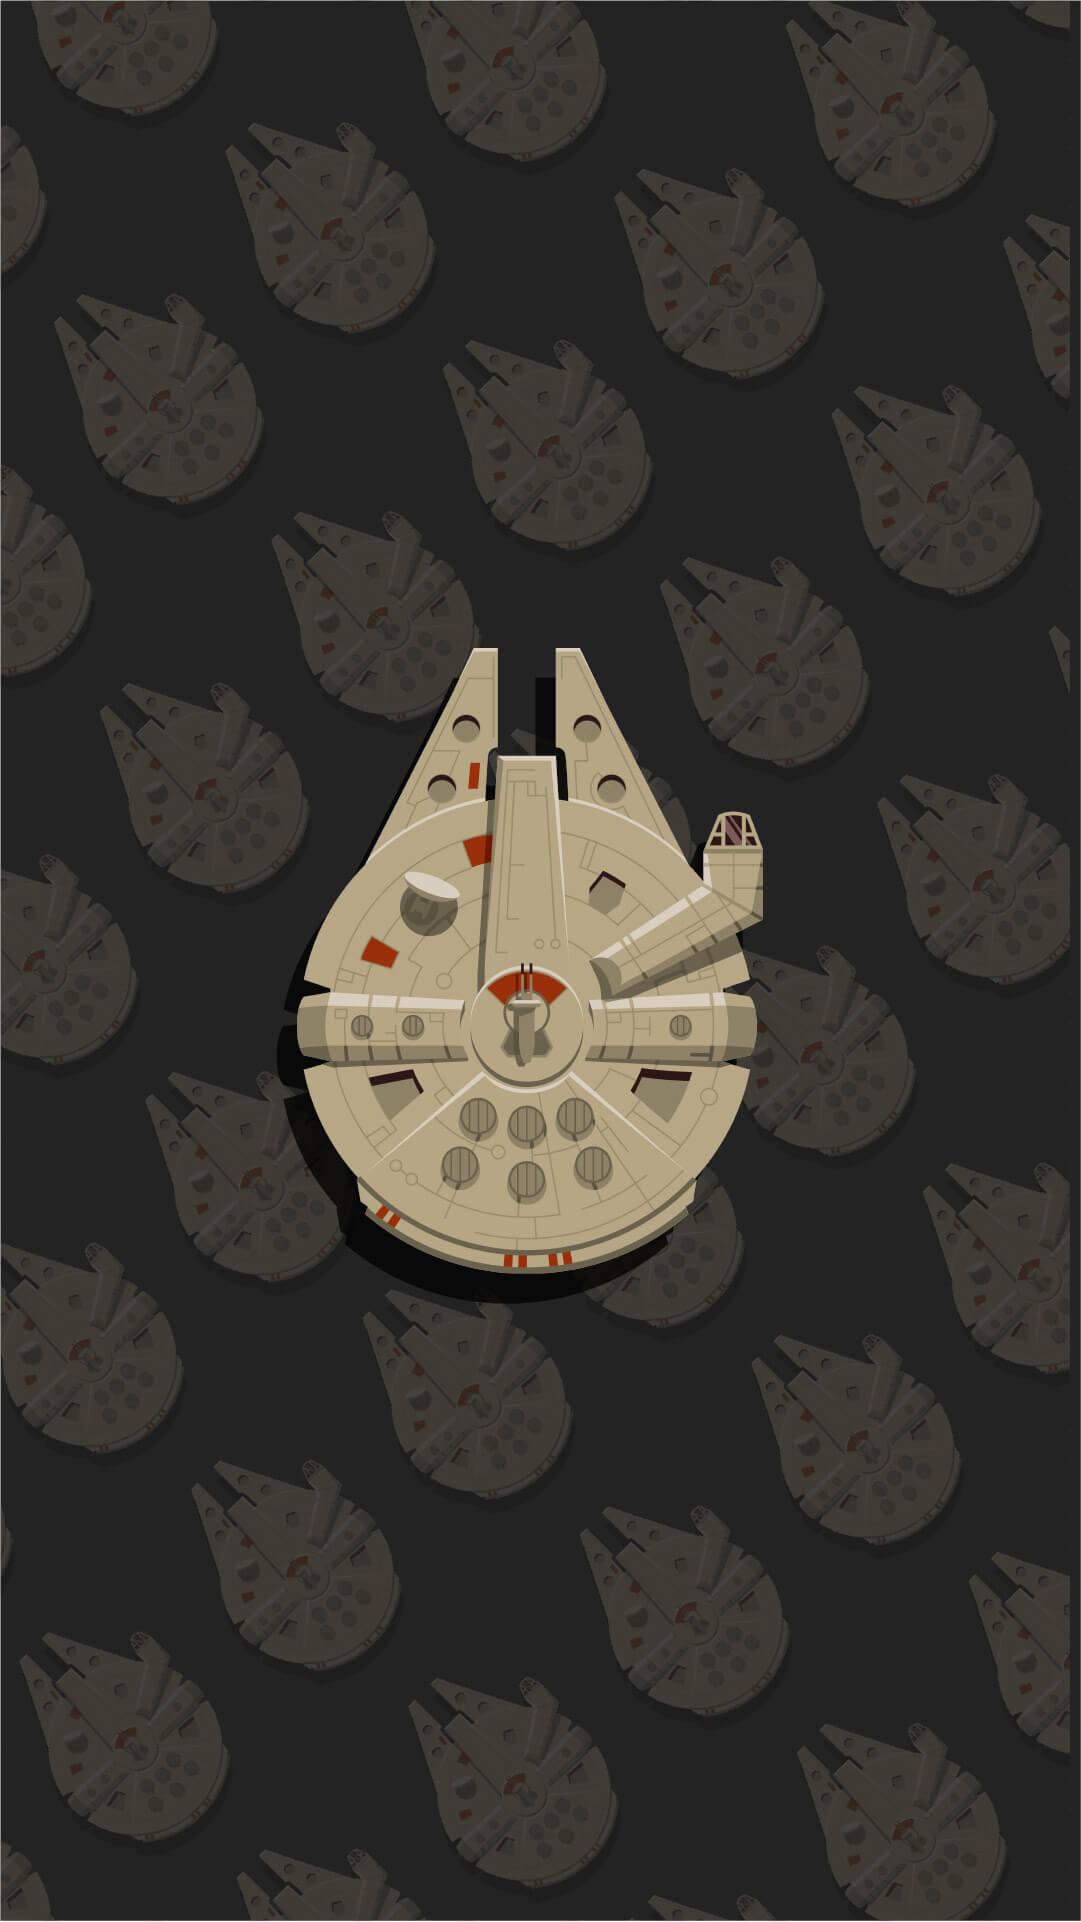 star wars fan art 31 (1)